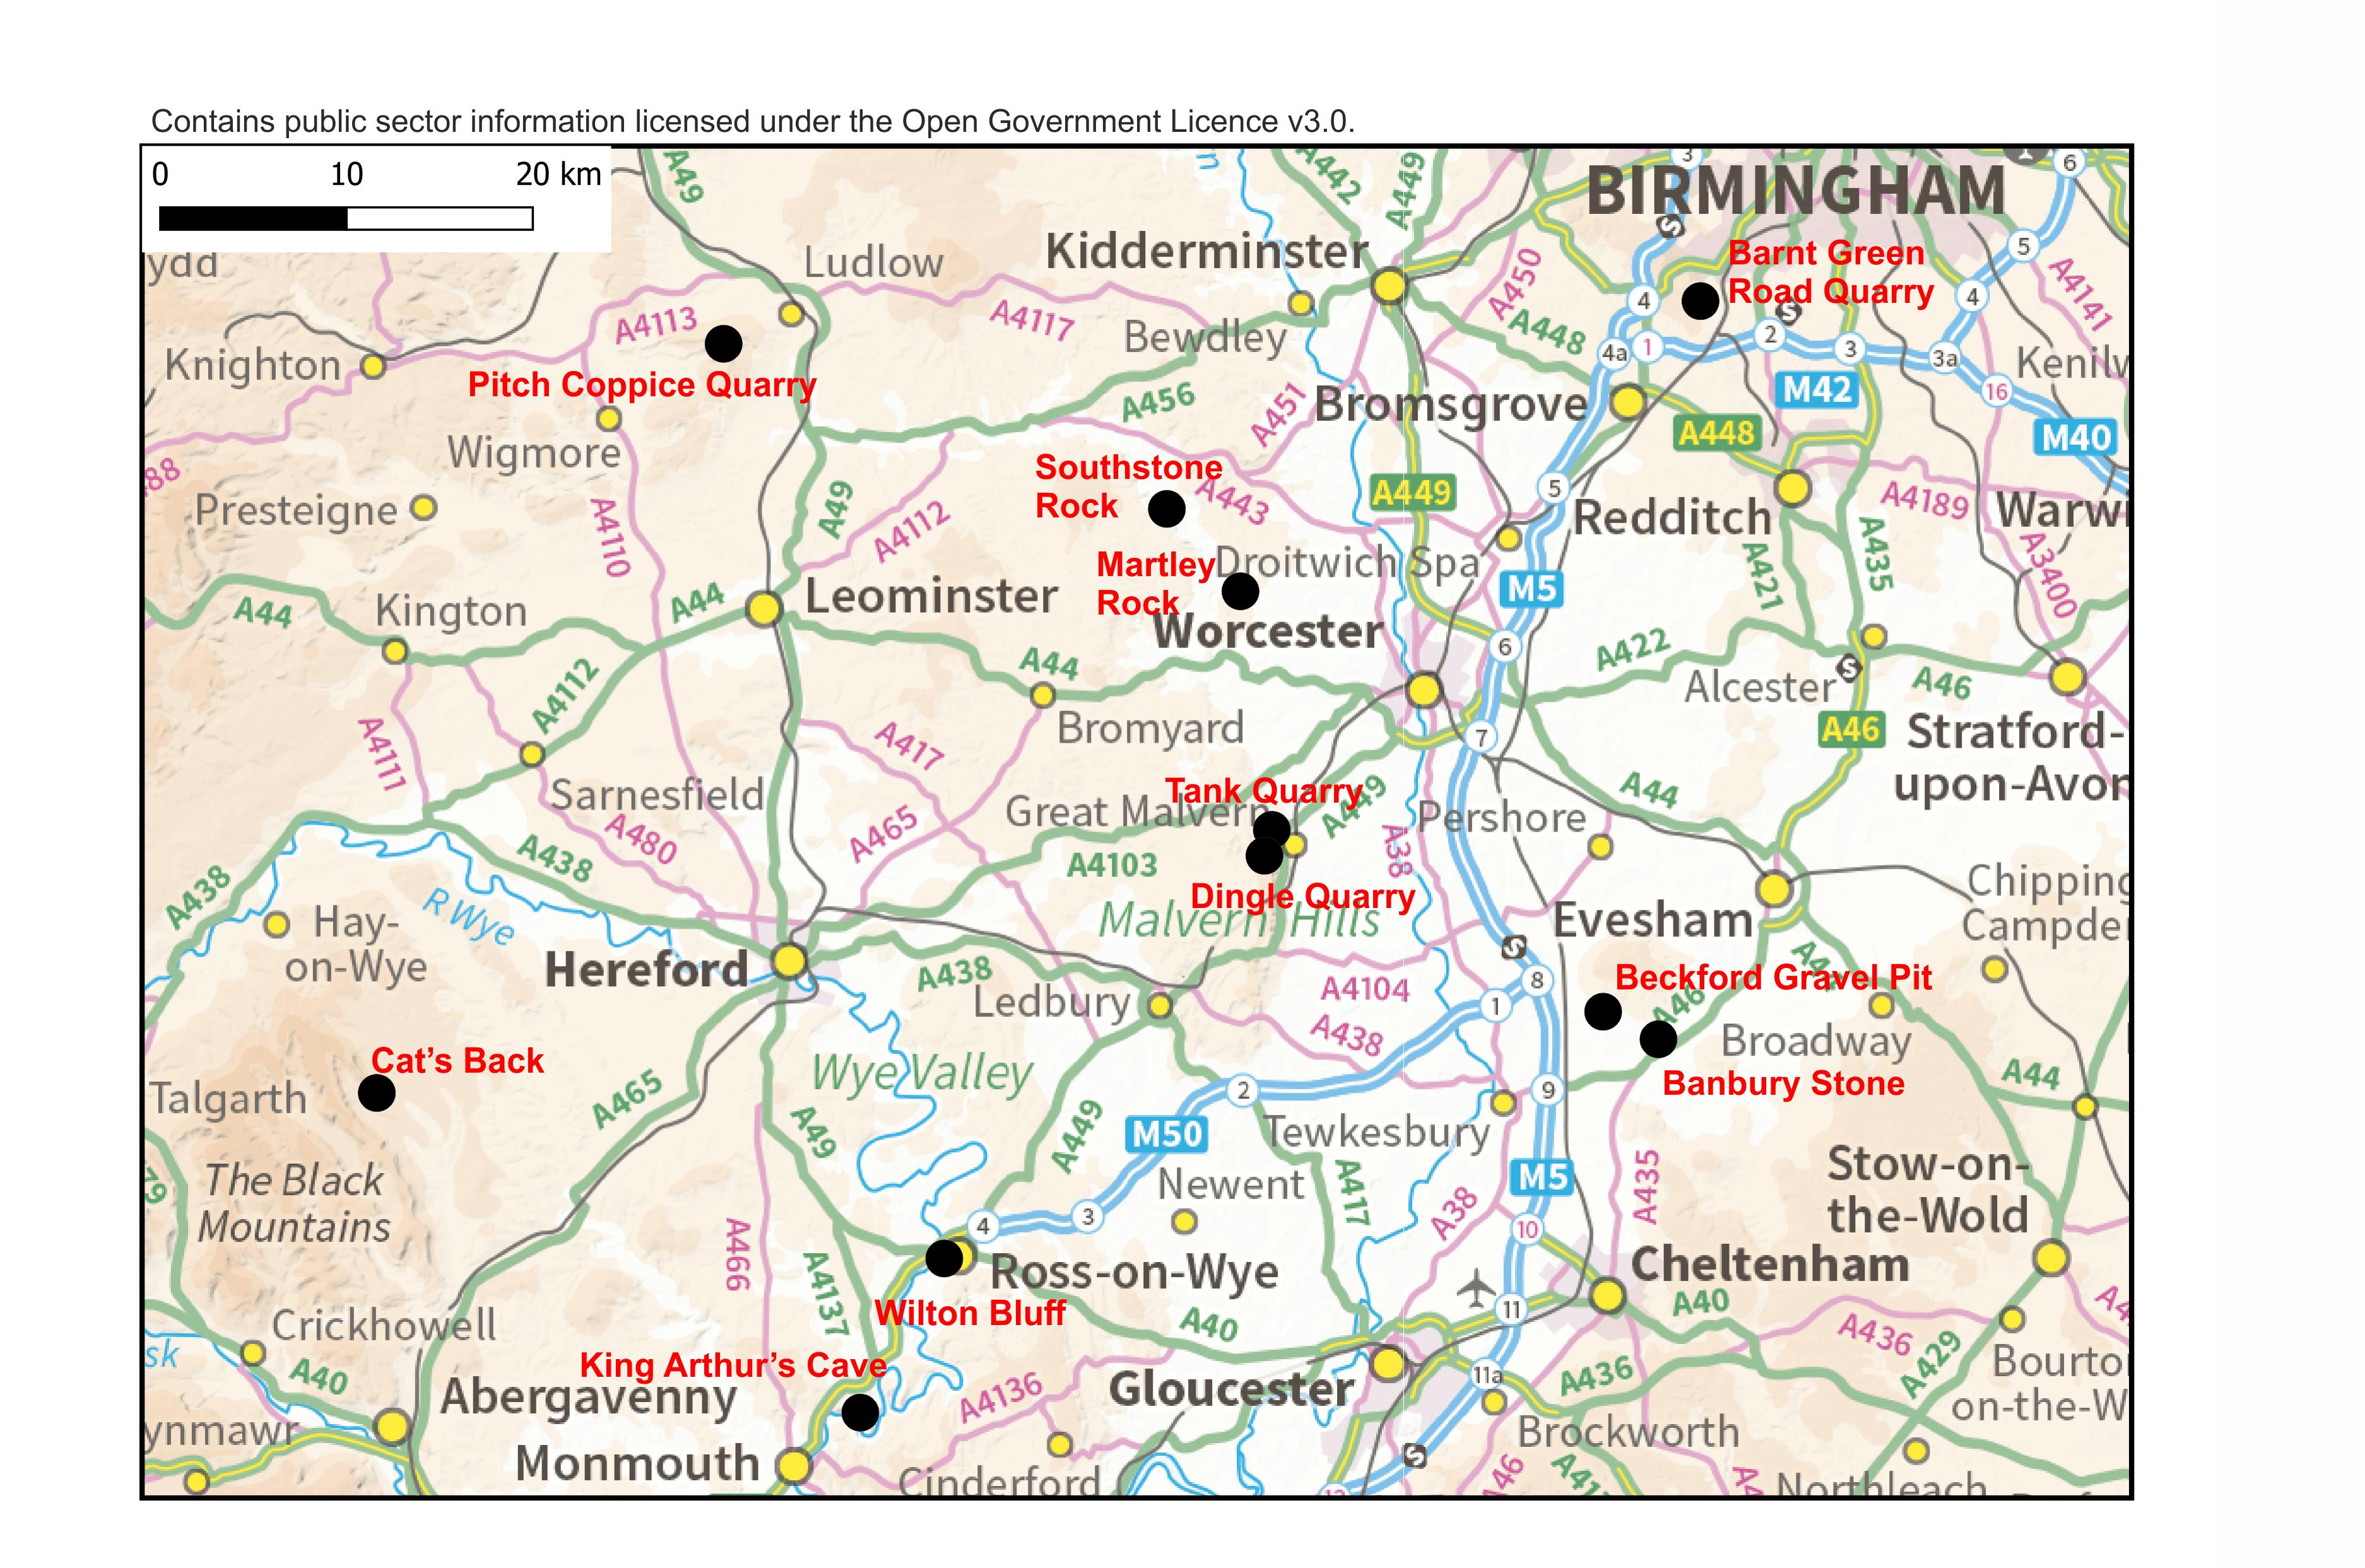 geosites to visit